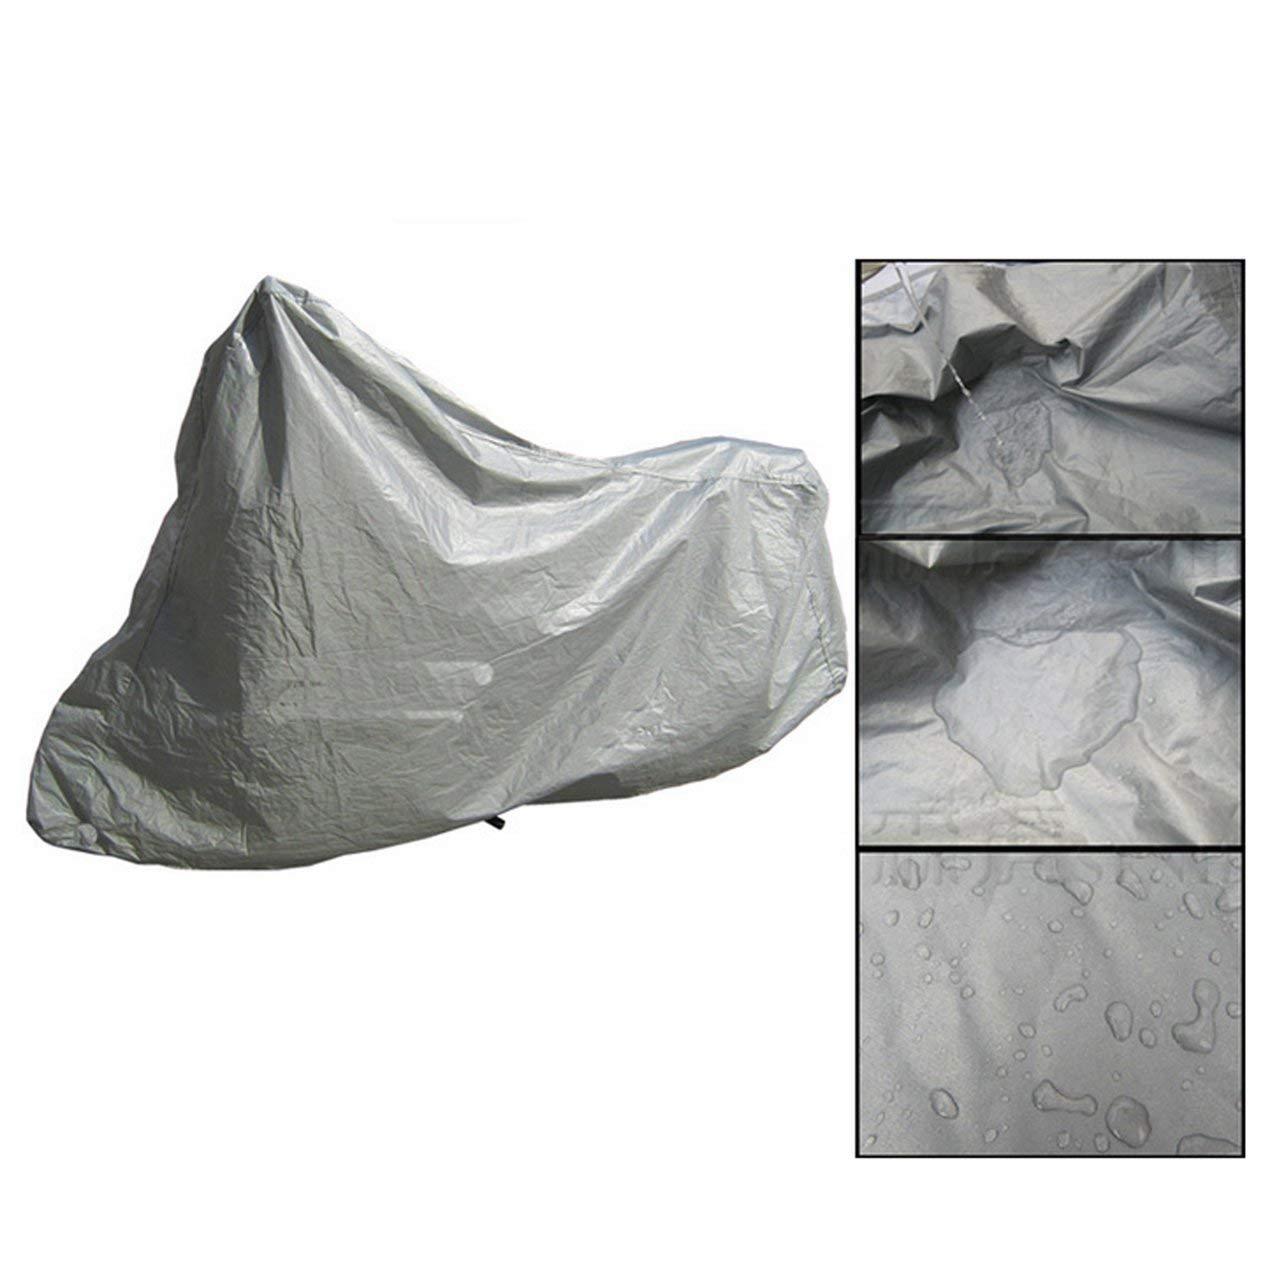 Argento Jasnyfall Copri Moto Protettiva Completa Anti UV Impermeabile Antipolvere Copertura Pioggia Moto Traspirante Cappuccio Tenda Esterna Coperta